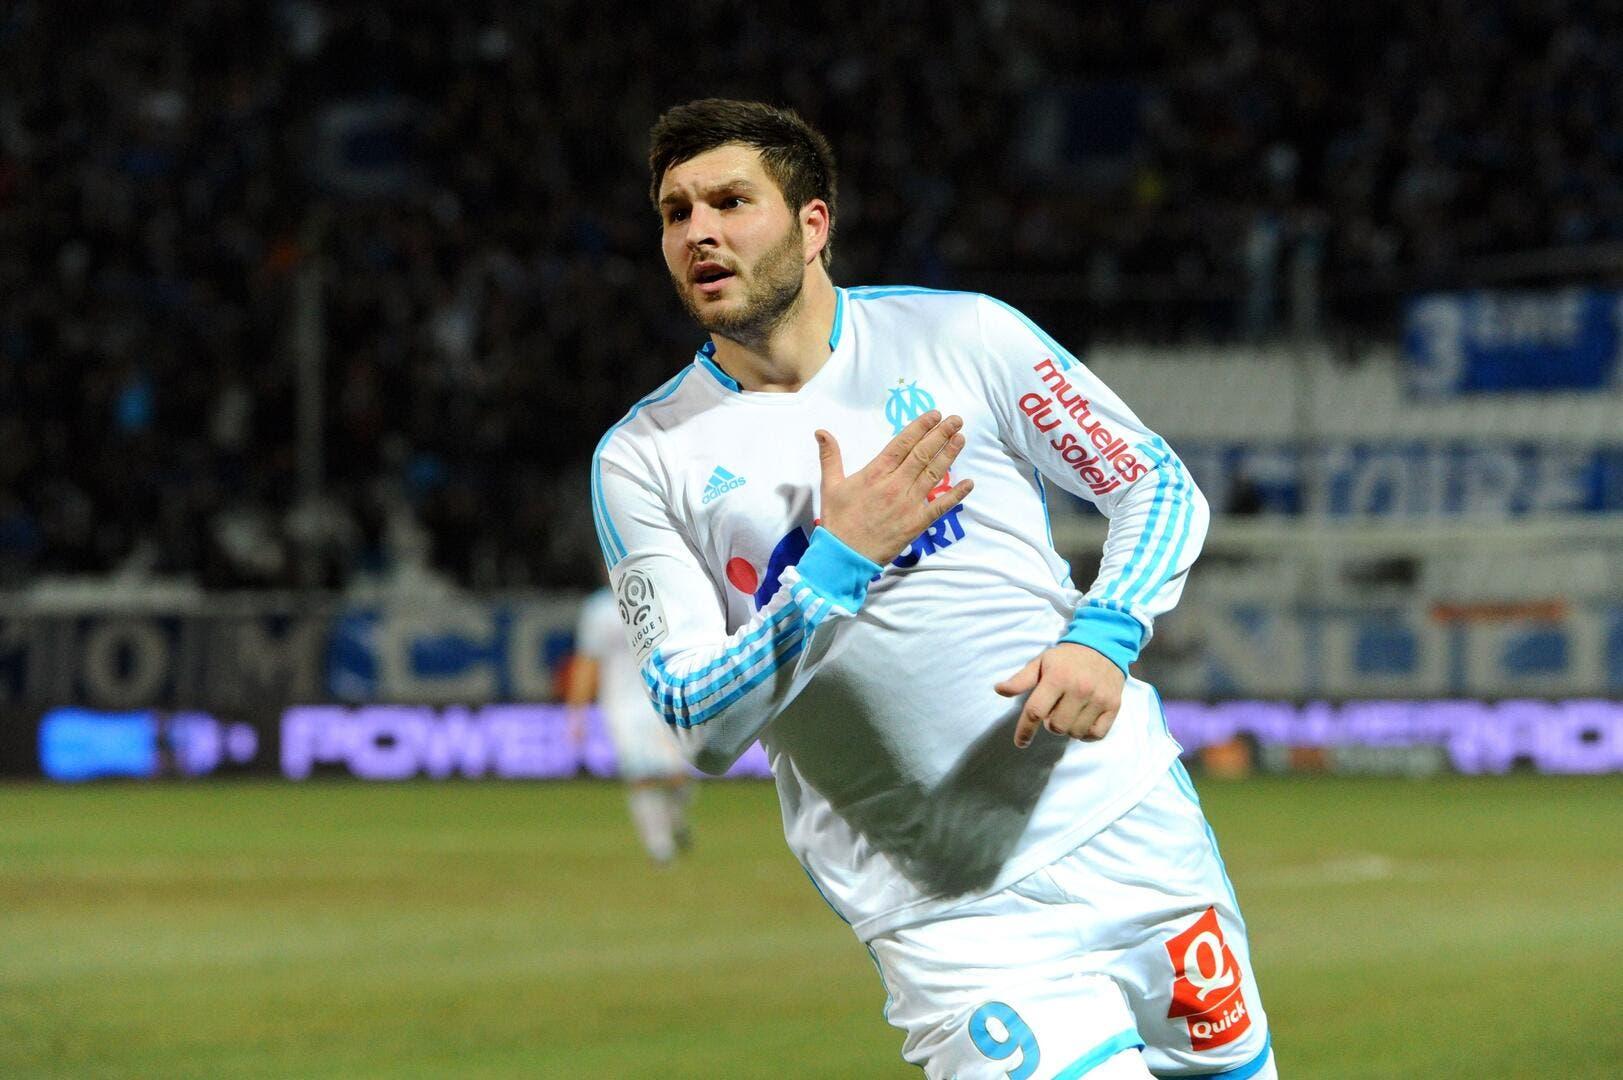 Foot OM - Gignac estime que Gignac vaut l'équipe de France ...